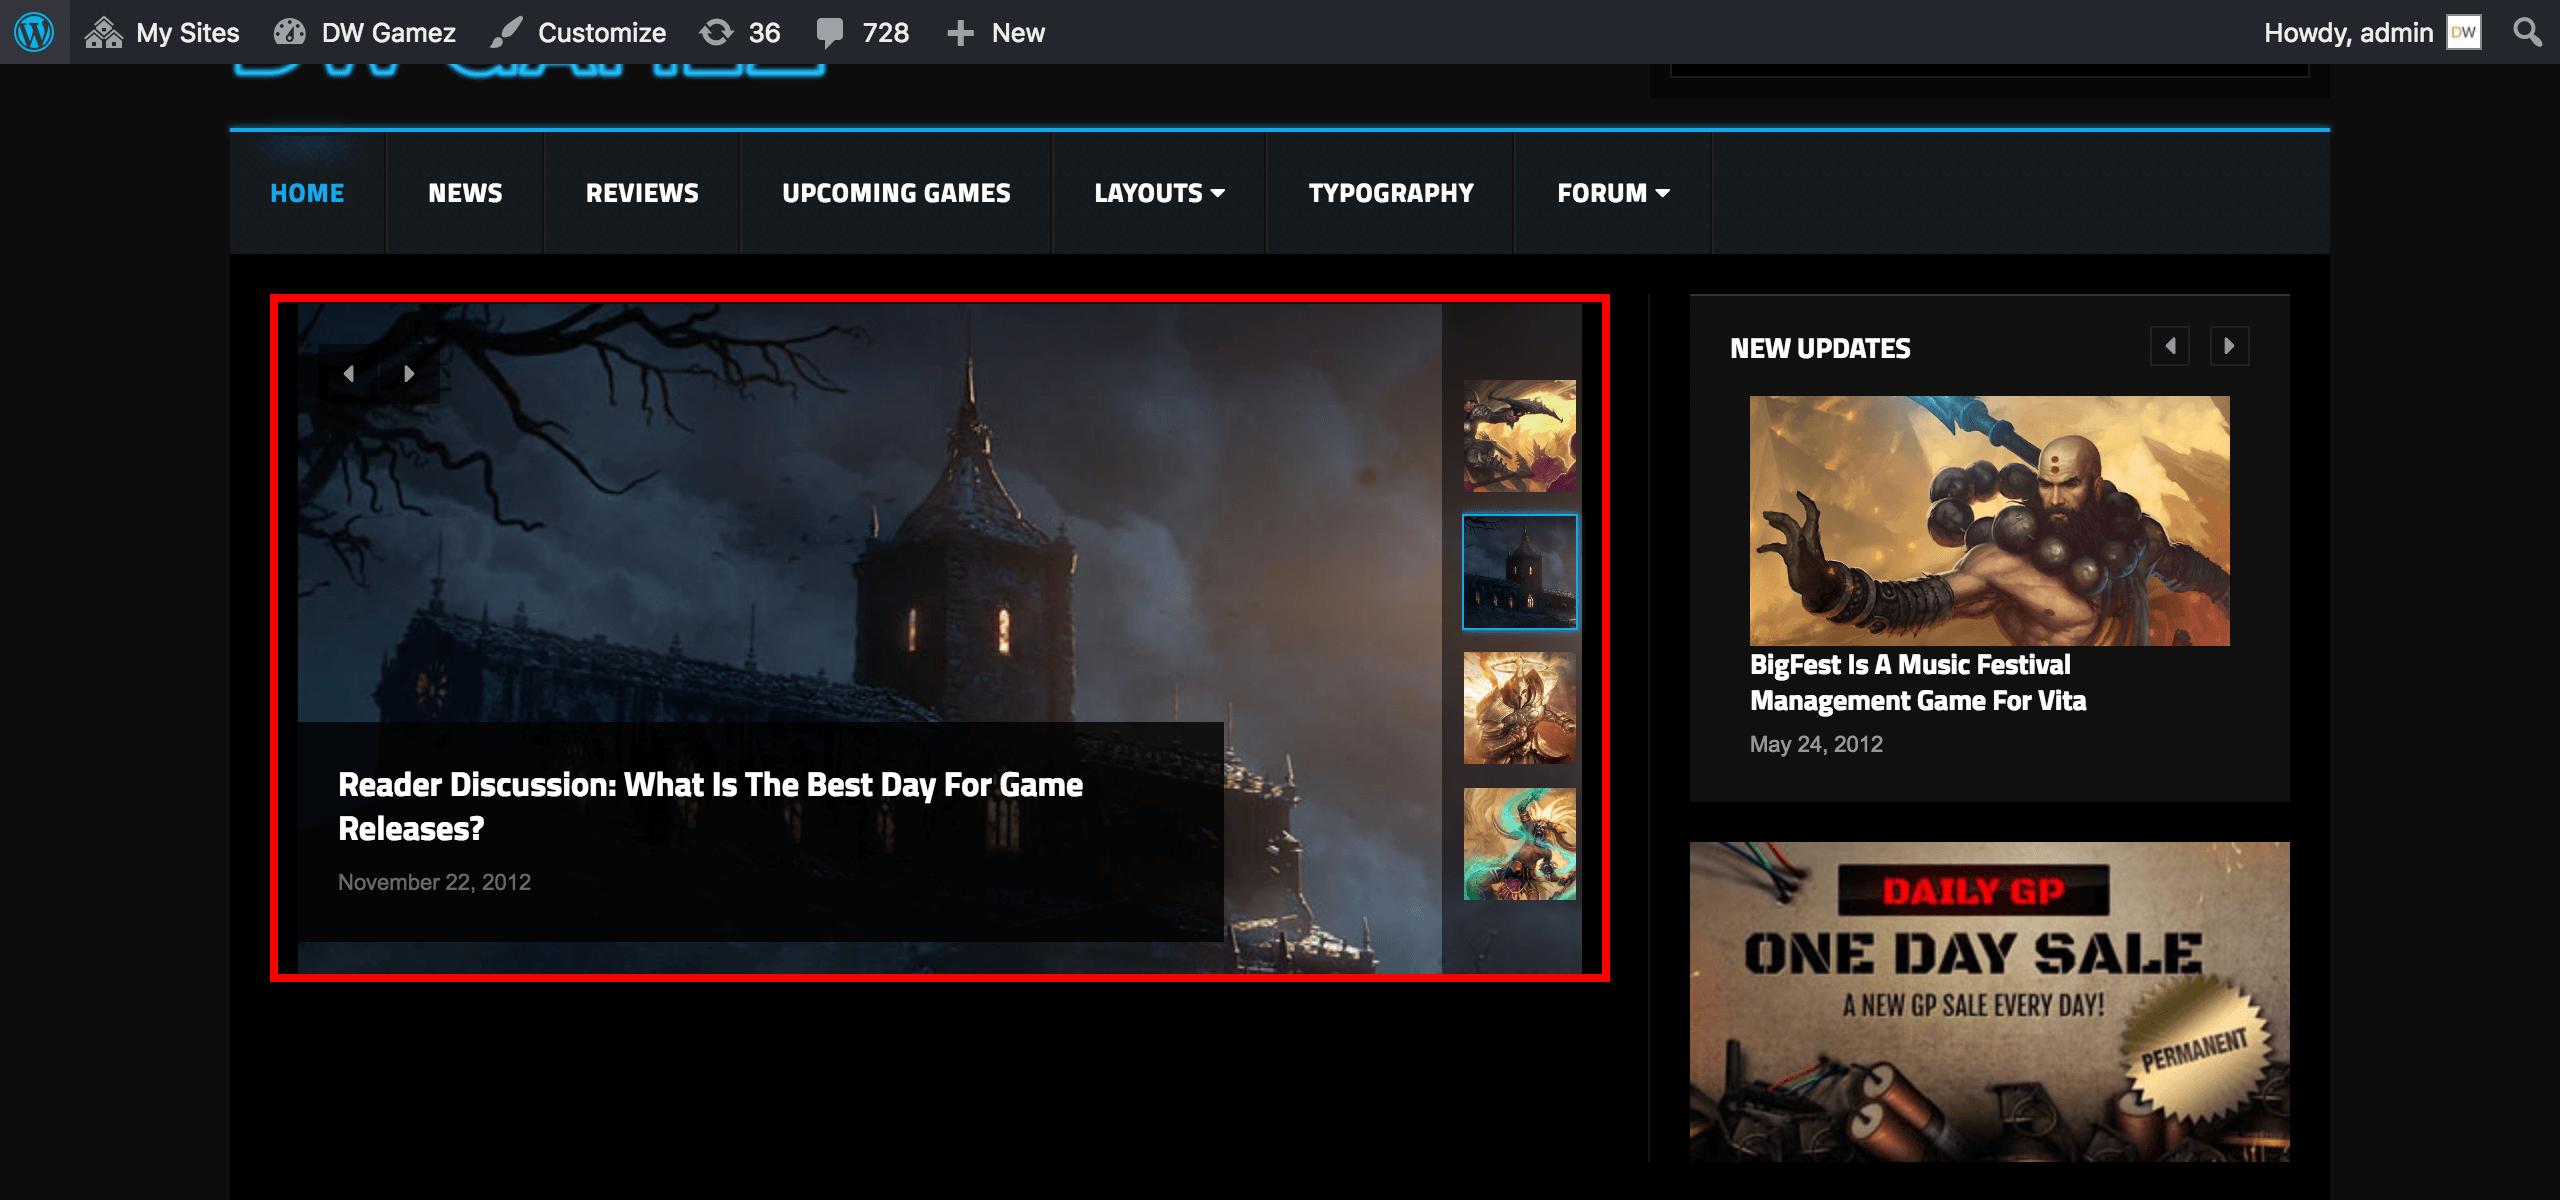 dw-gamez-feature1